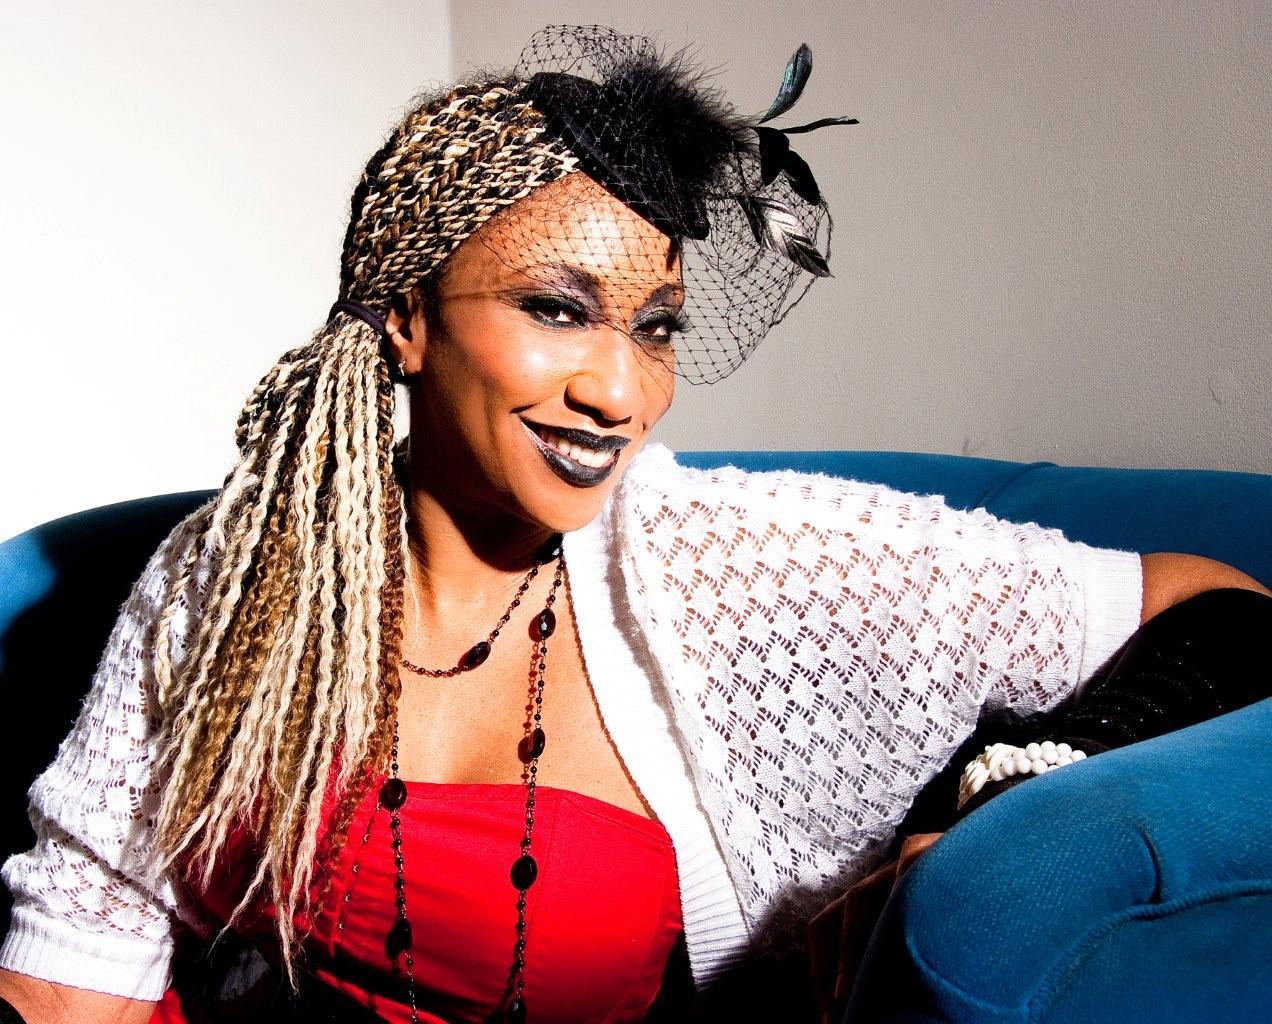 Juliet Kelly - British Jazz Singer and Songwriter